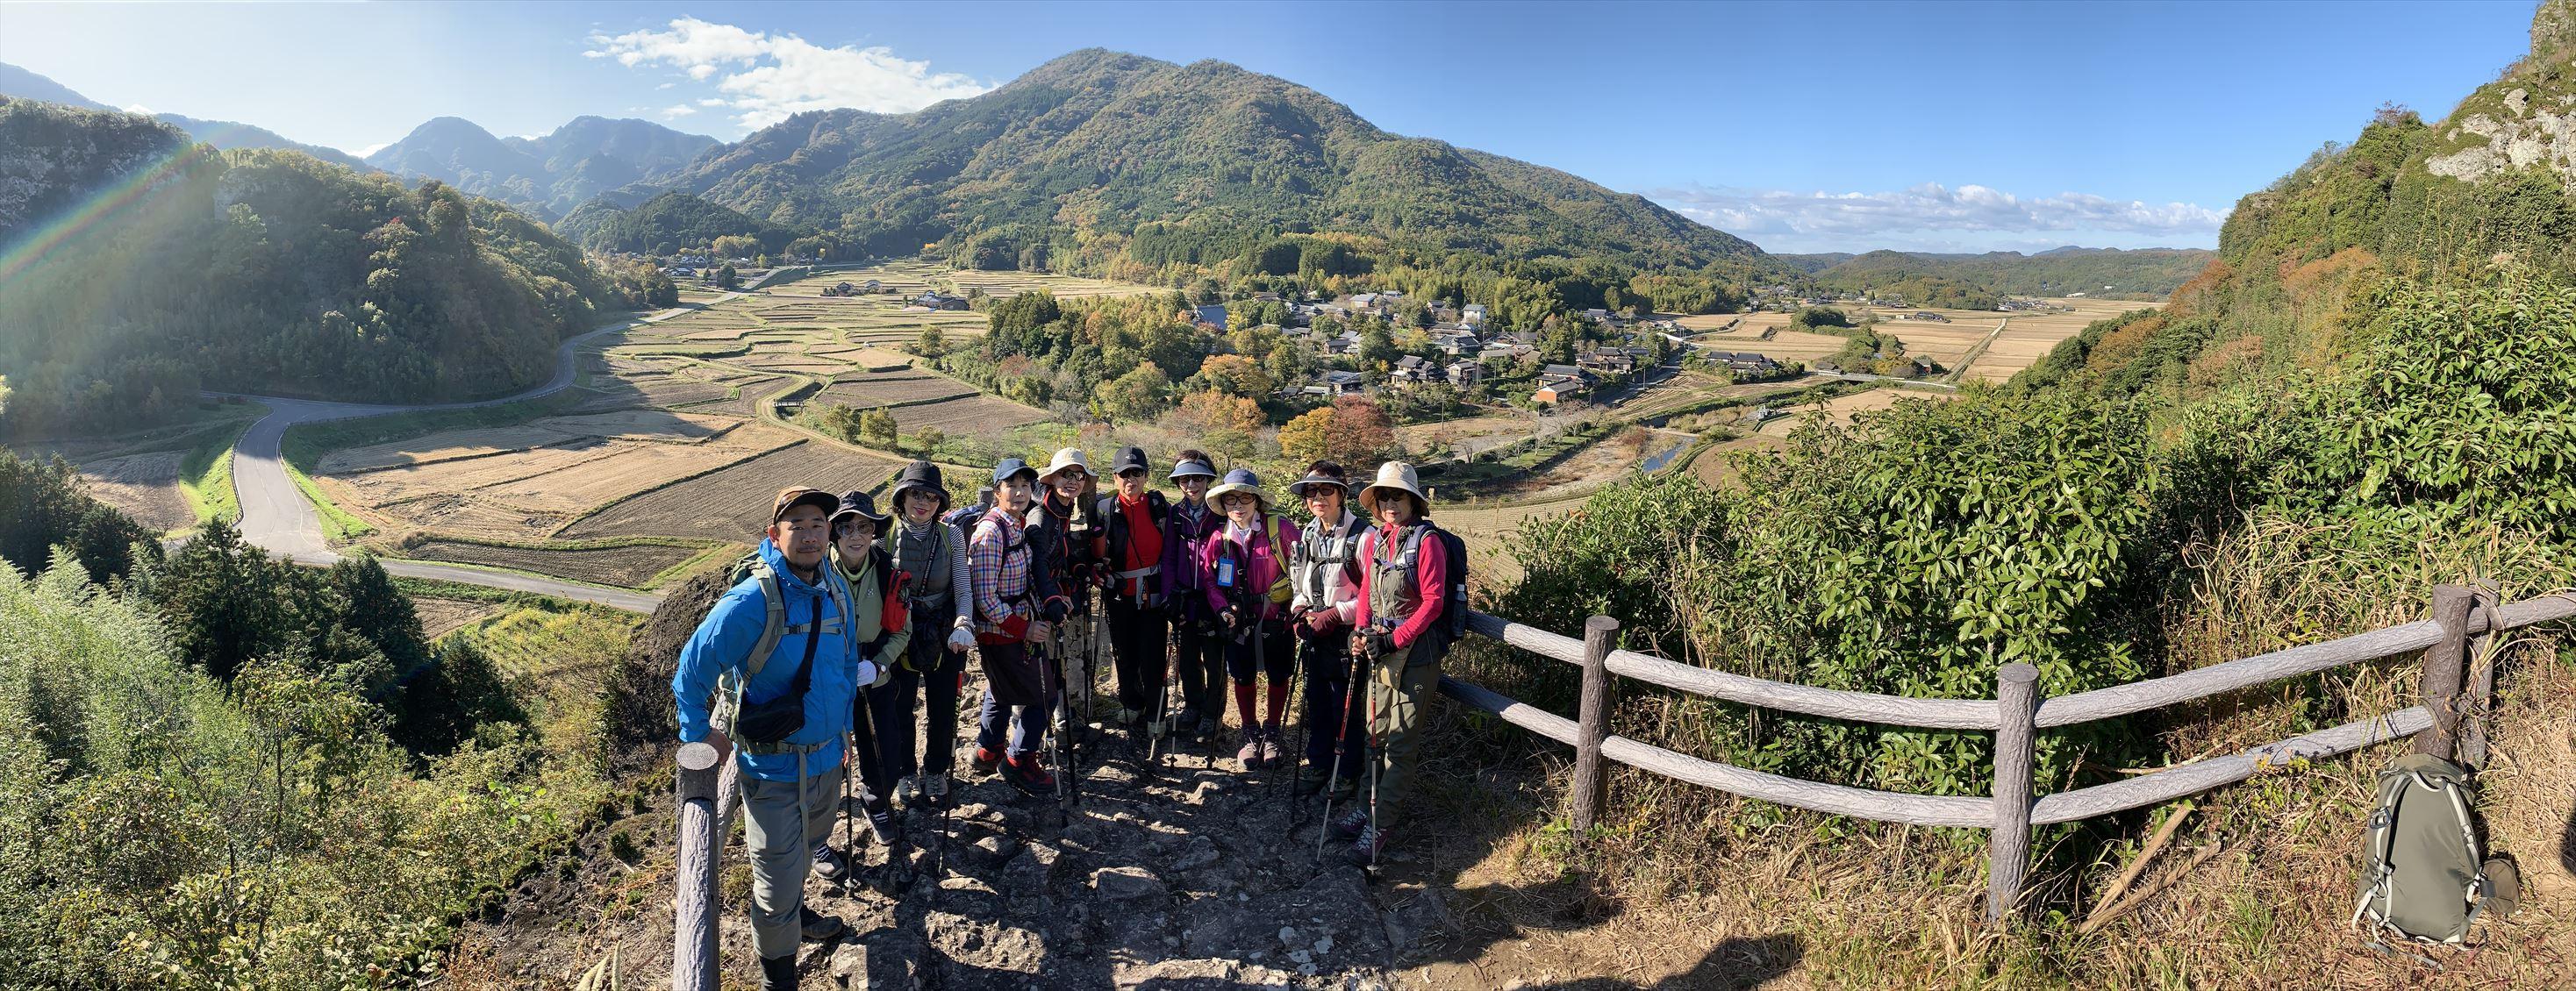 美しい里山の景色が広がる田染の荘